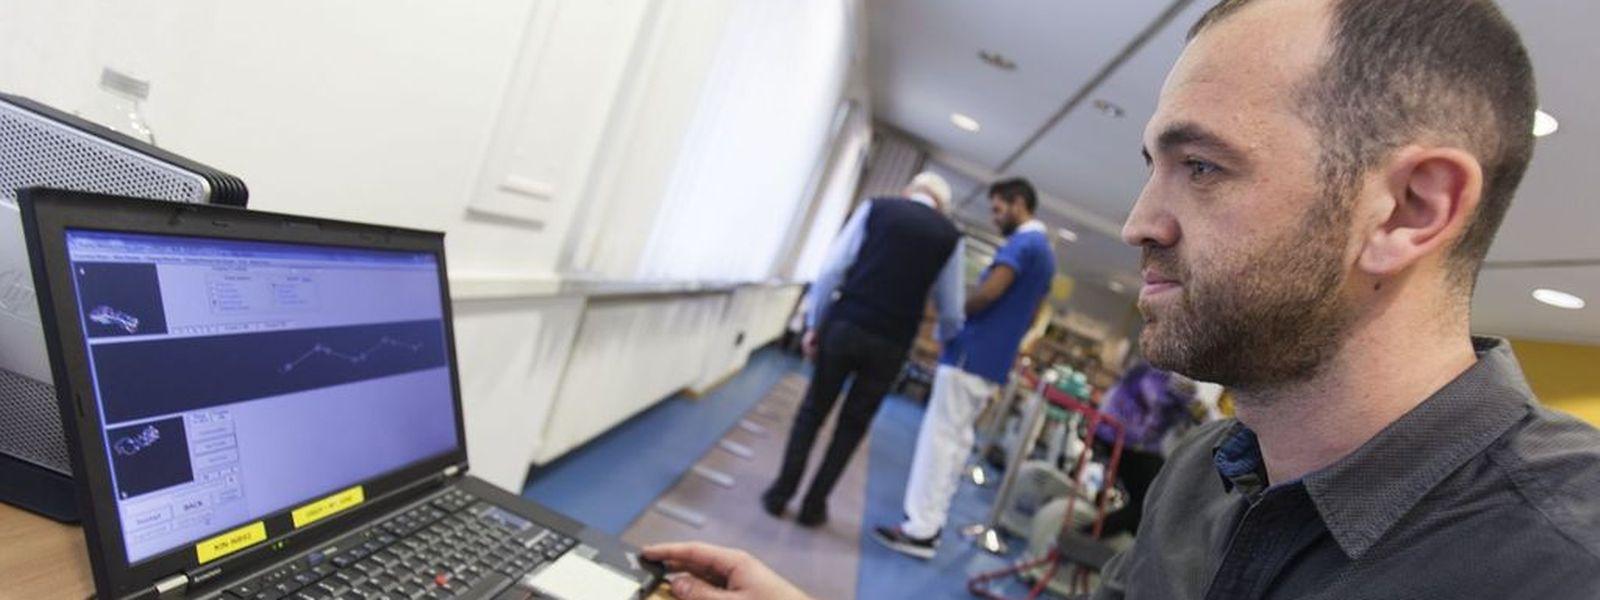 Grâce à un système électronique relié à un tapis de marche long de six mètres, Jean-Paul Steinmetz peut analyser les mouvements de marche et les comparer avec ce qui se passe dans le cerveau de la personne qui se trouve sur le tapis.